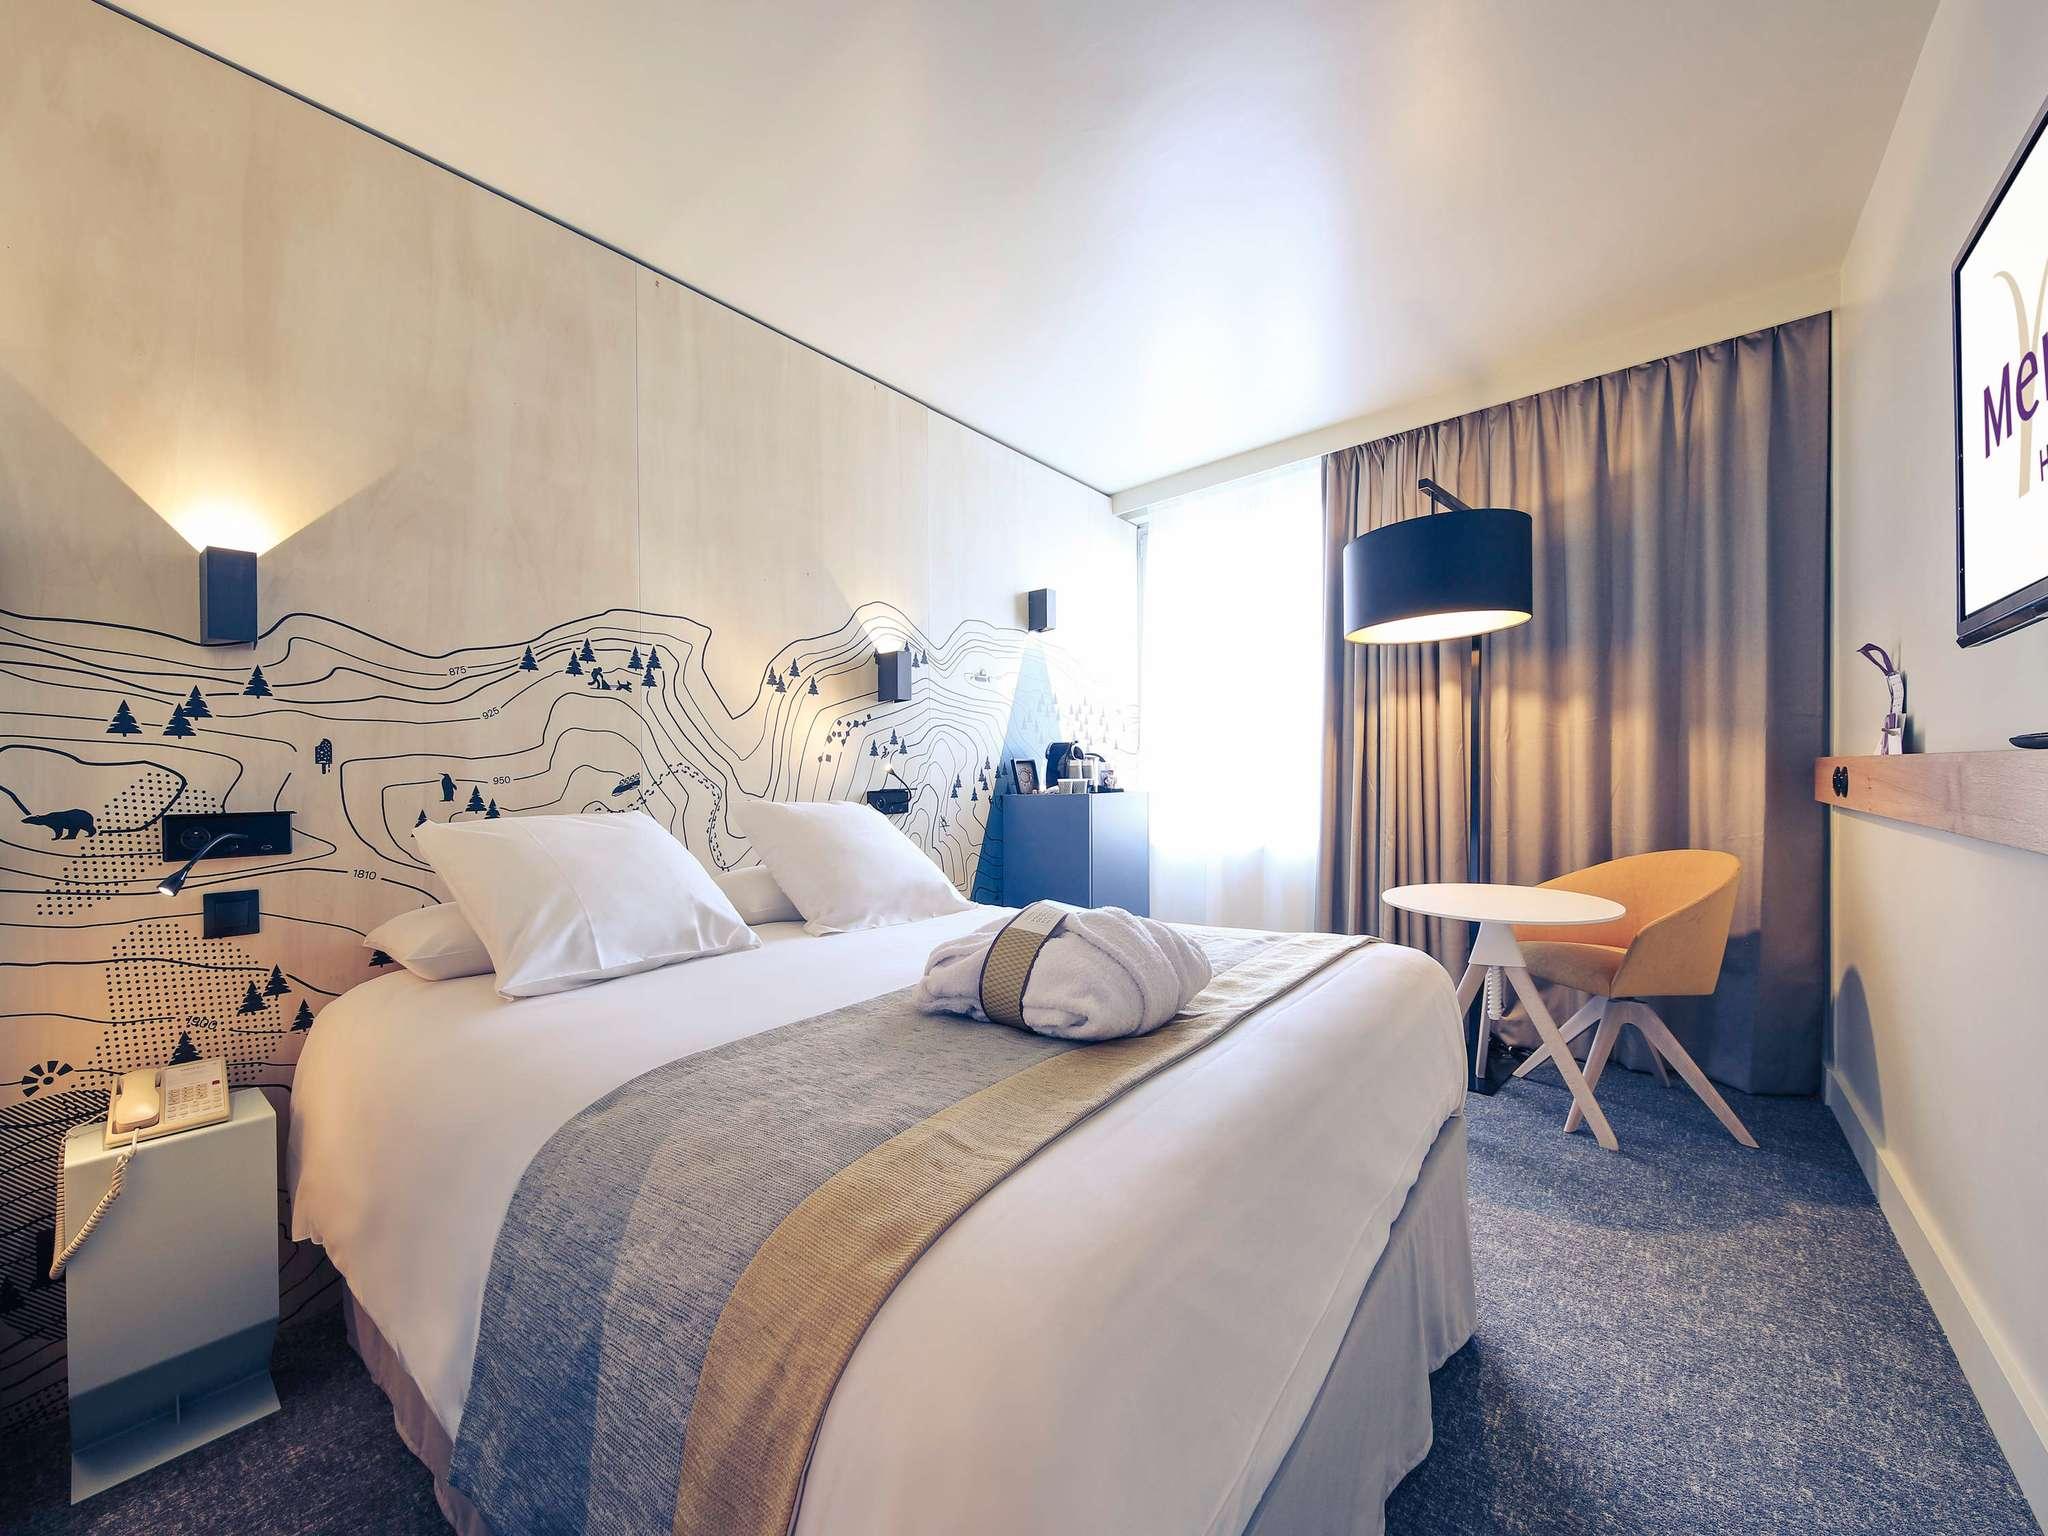 فندق - Hôtel Mercure Grenoble Centre Alpotel